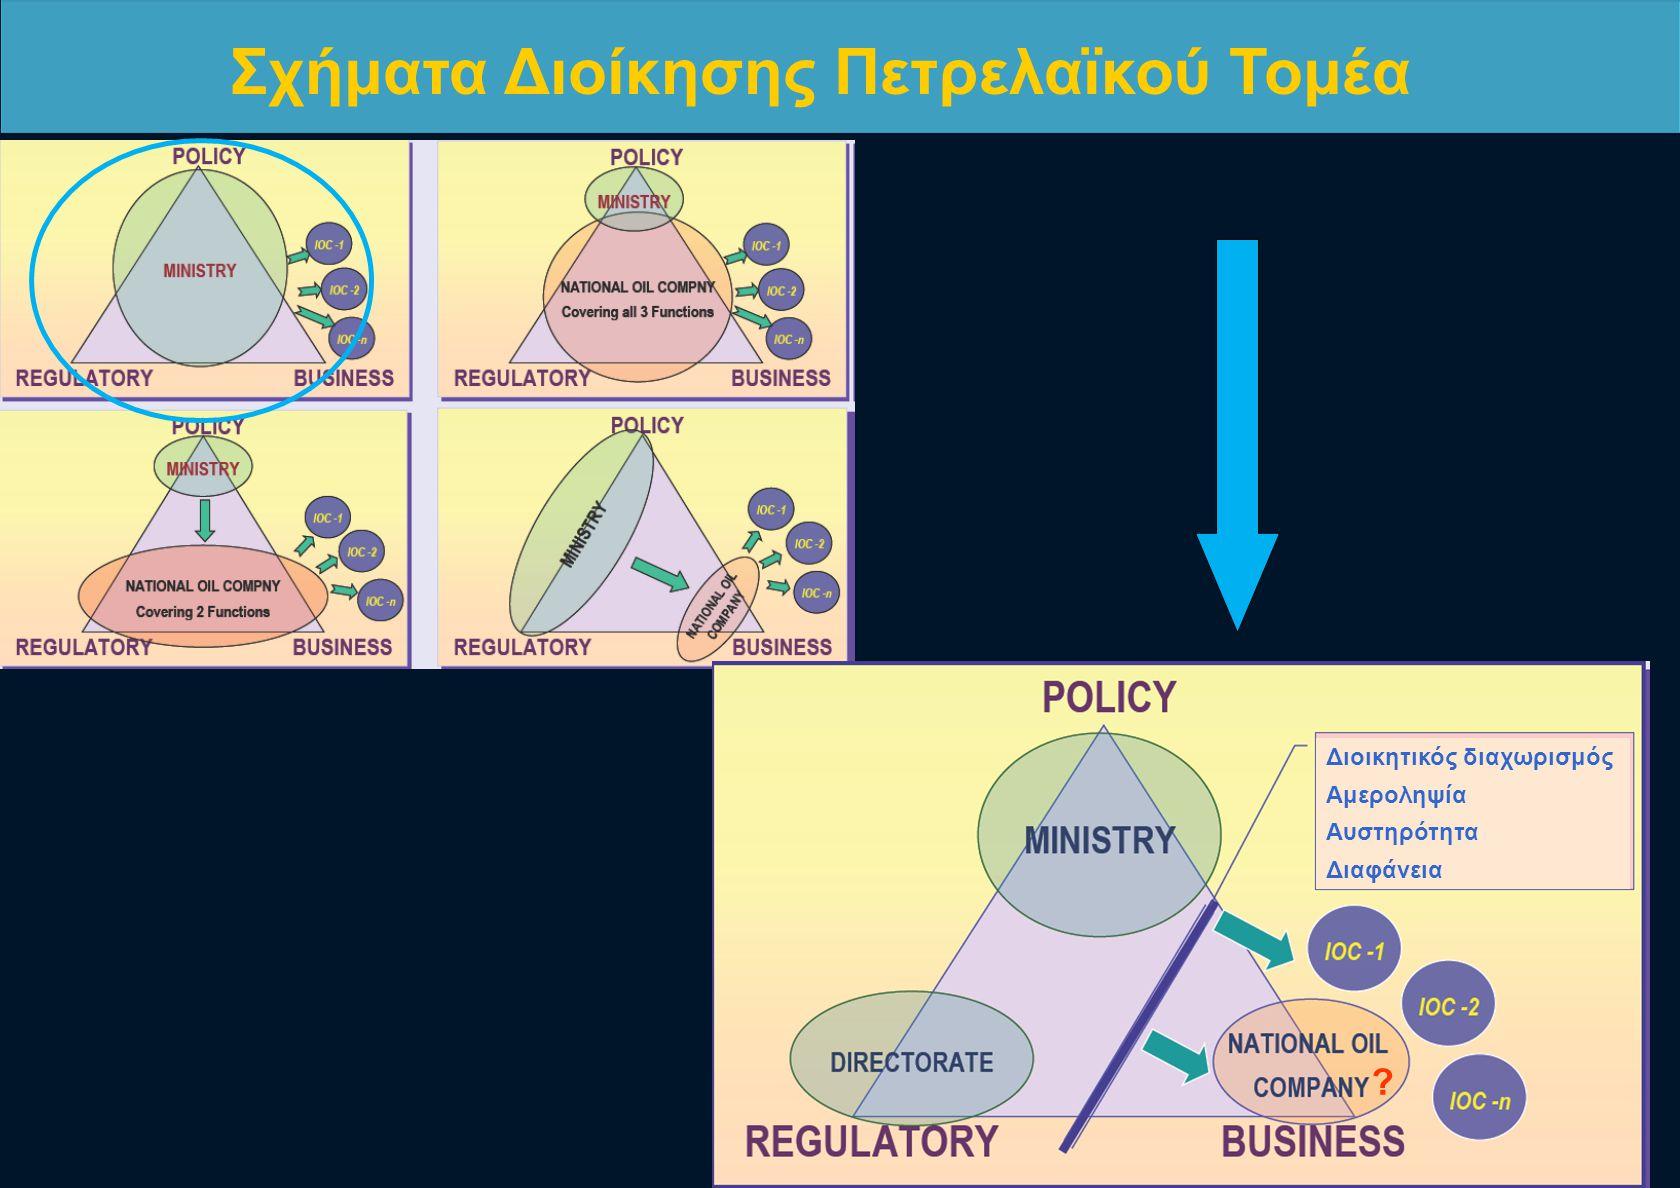 Αρμοδιότητες Συγκέντρωση, αποθήκευση, επεξεργασία, αποτίμηση και διαχείριση ερευνητικών δεδομένων Δημιουργία Εθνικής Τράπεζας δεδομένων Προετοιμασία και διεξαγωγή των διαγωνισμών και η προβολή τους στη διεθνή αγορά Αξιολόγηση των αιτήσεων συμμετοχής στους διαγωνισμούς Διαπραγμάτευση των όρων των συμβάσεων, υπογραφή και υποβολή για έγκριση στον Υπ.